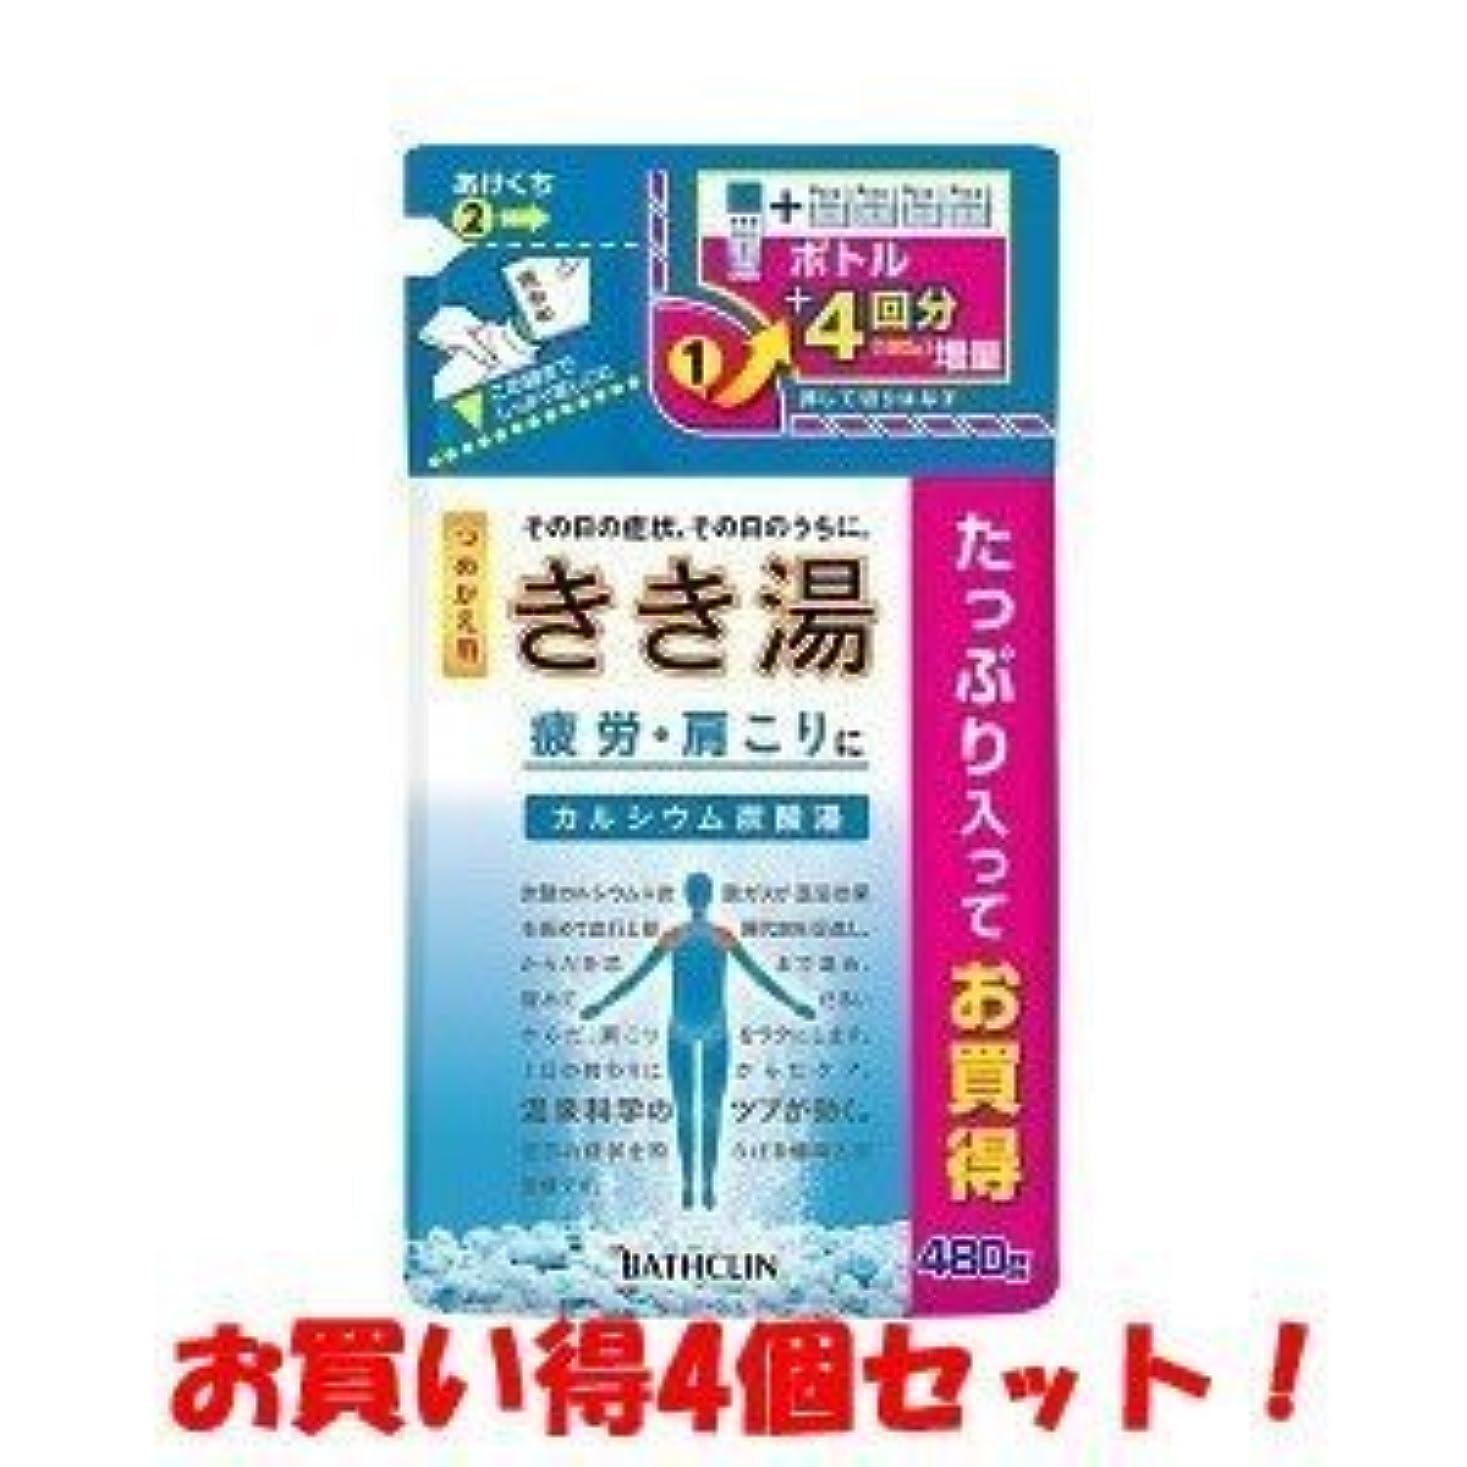 描写警報リアル(バスクリン)きき湯 カルシウム炭酸湯 つめかえ用 480g(医薬部外品)(お買い得4個セット)